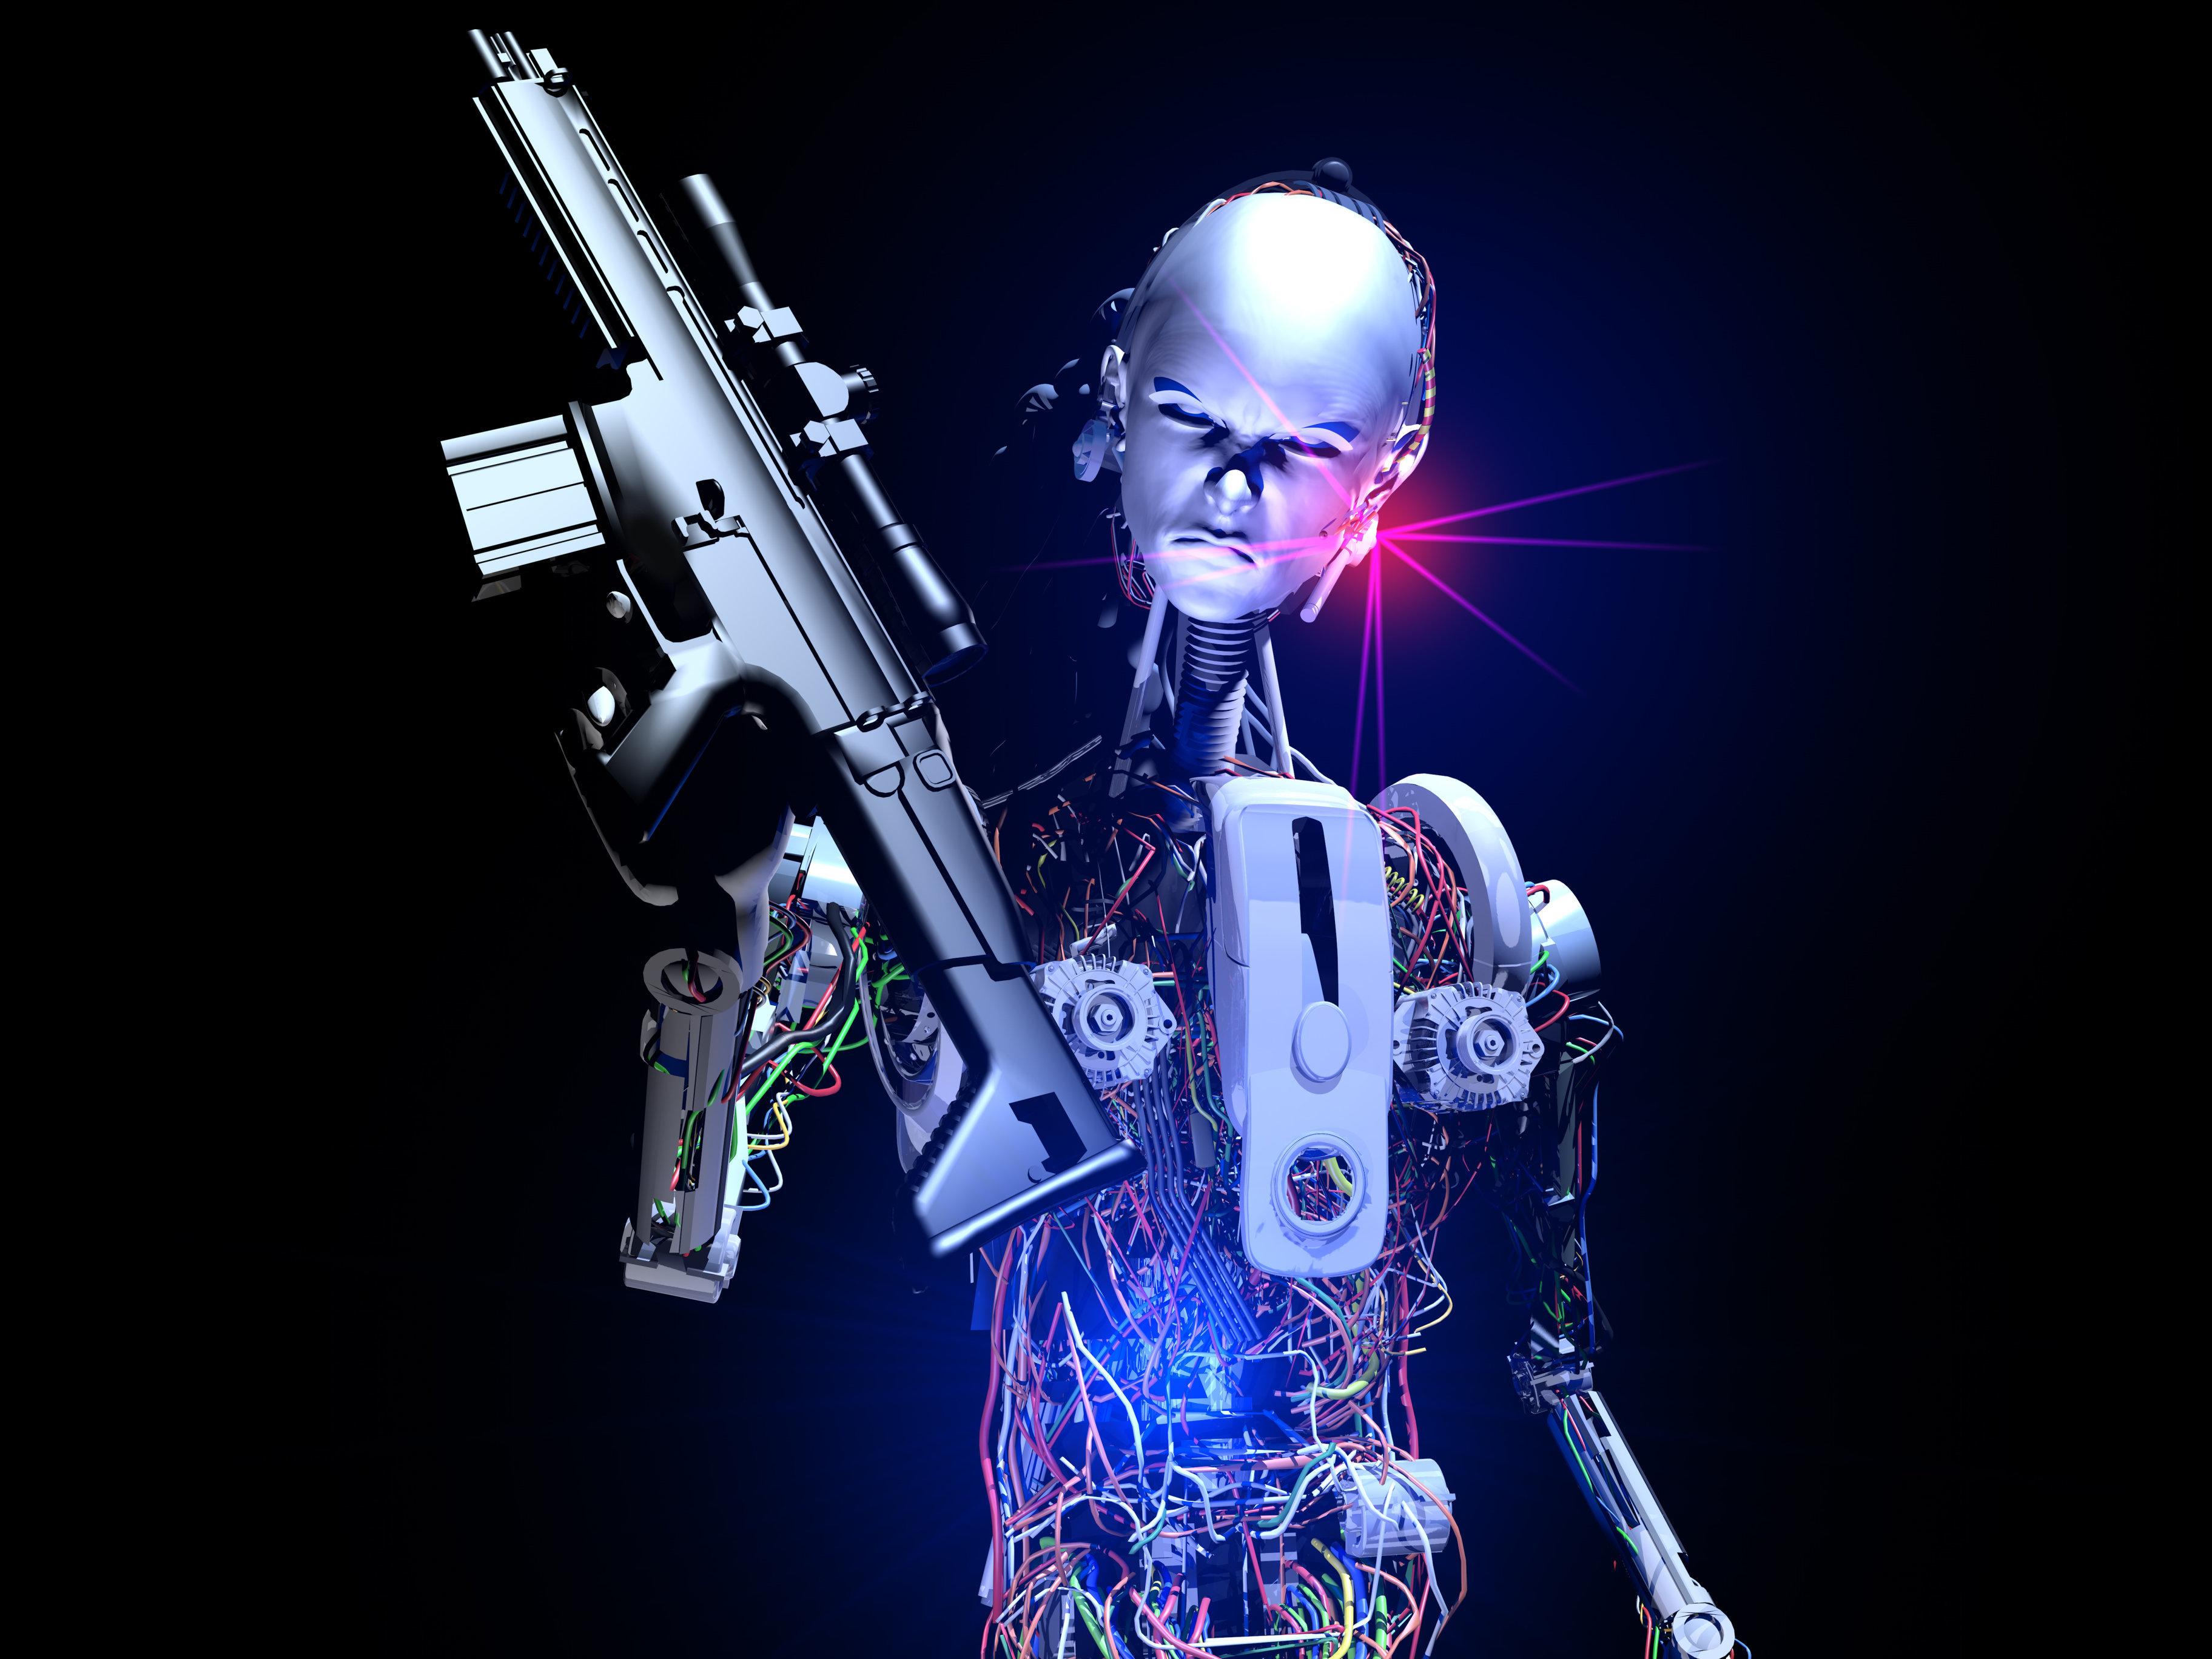 Διαμαρτυρία επιστημόνων για έρευνες πάνω σε όπλα Τεχνητής Νοημοσύνης στη Νότια